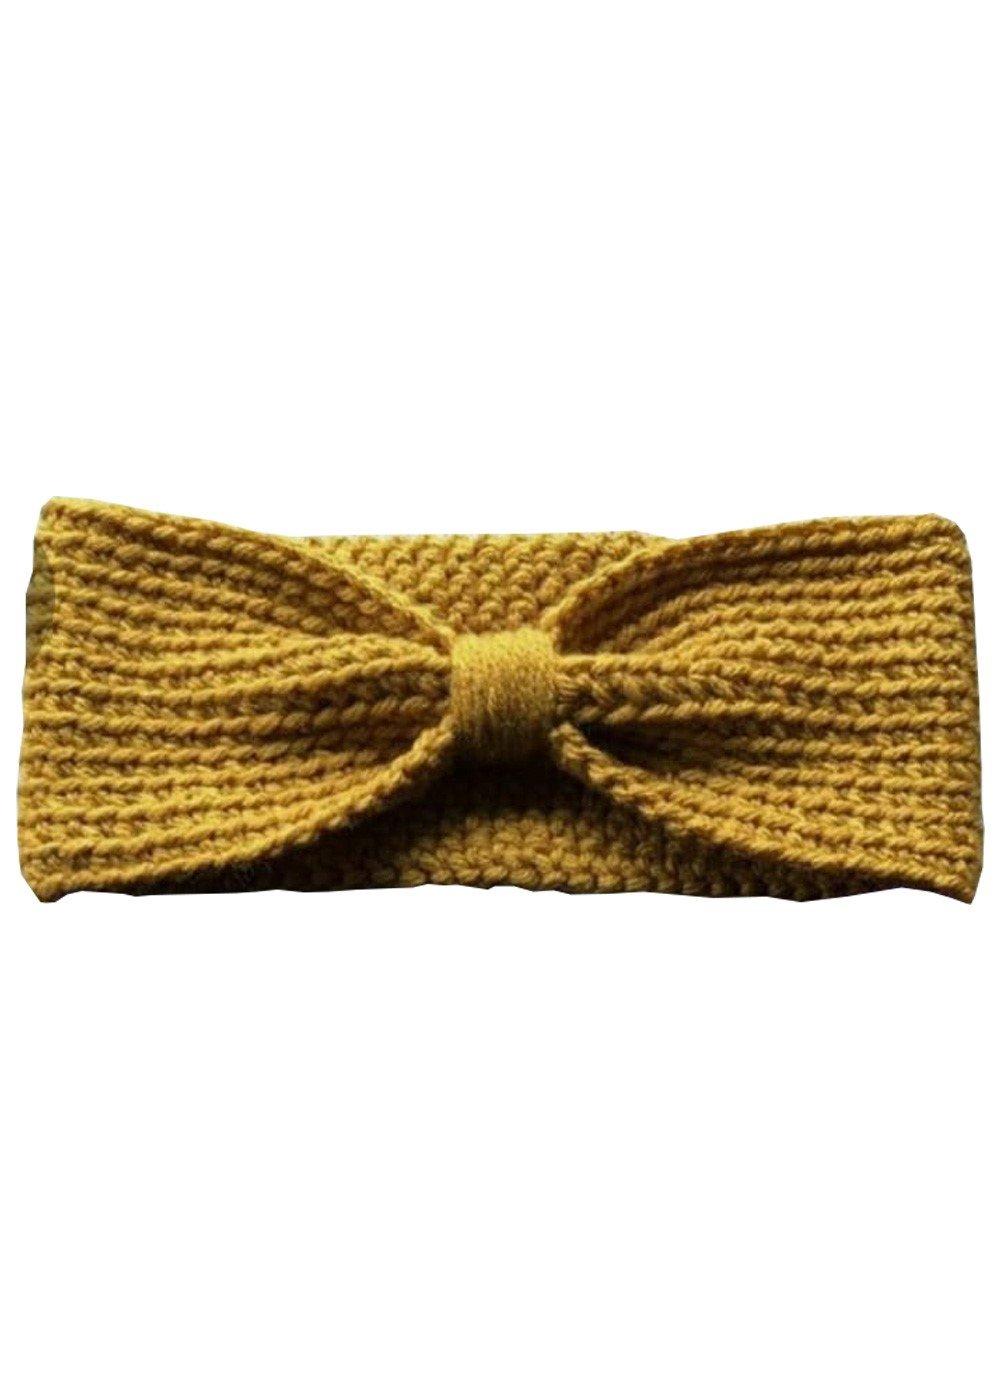 Hand Crochet Mustard Headband